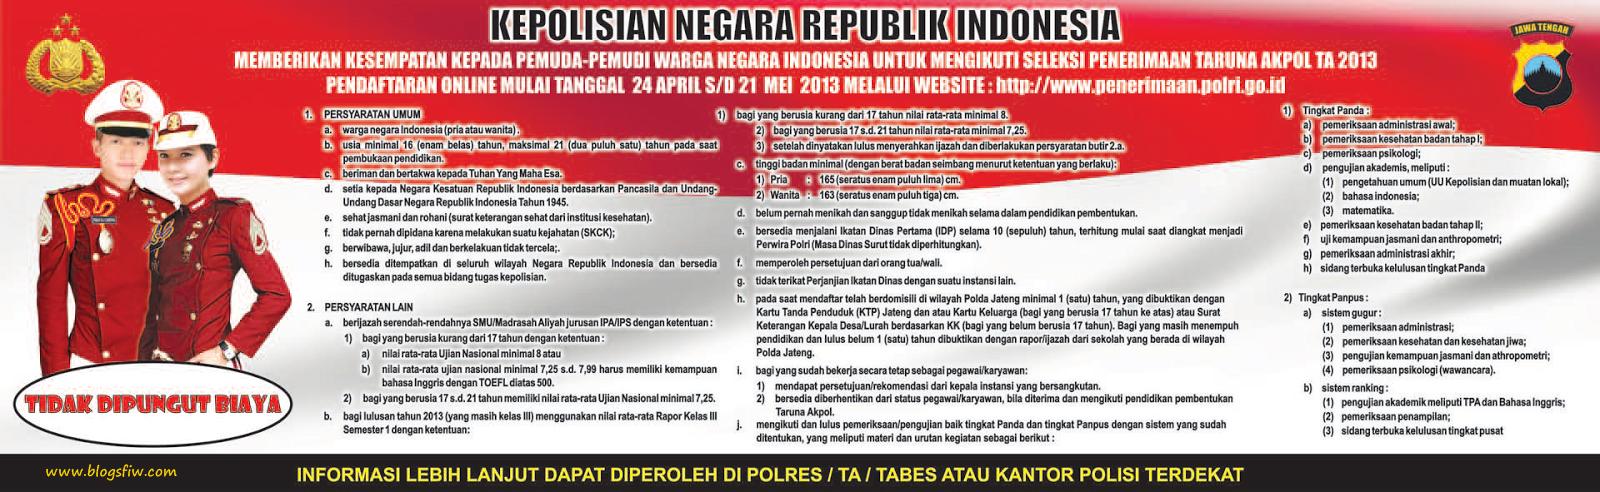 Berdasarkan persyaratan pendaftaran Akpol T.A. 2013)